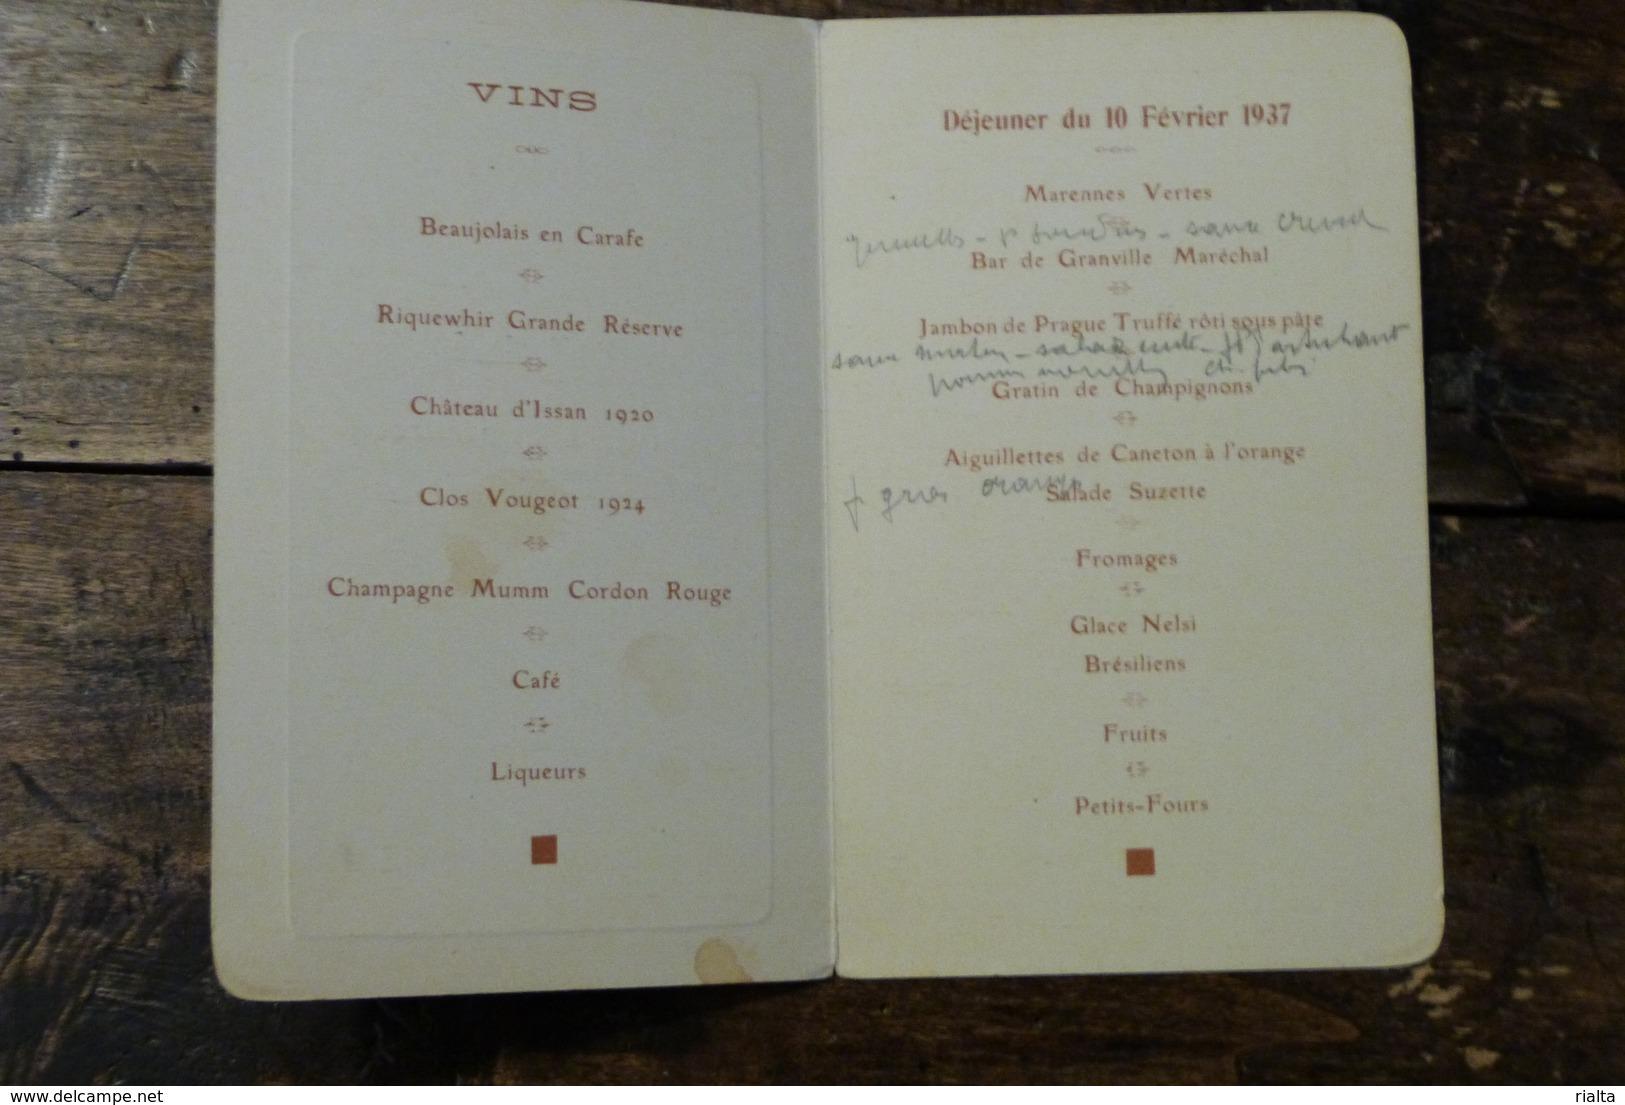 PRESIDENCE DE LA CHAMBRE DES DEPUTES, MENU DU 10 FEVRIER 1937 - Menus